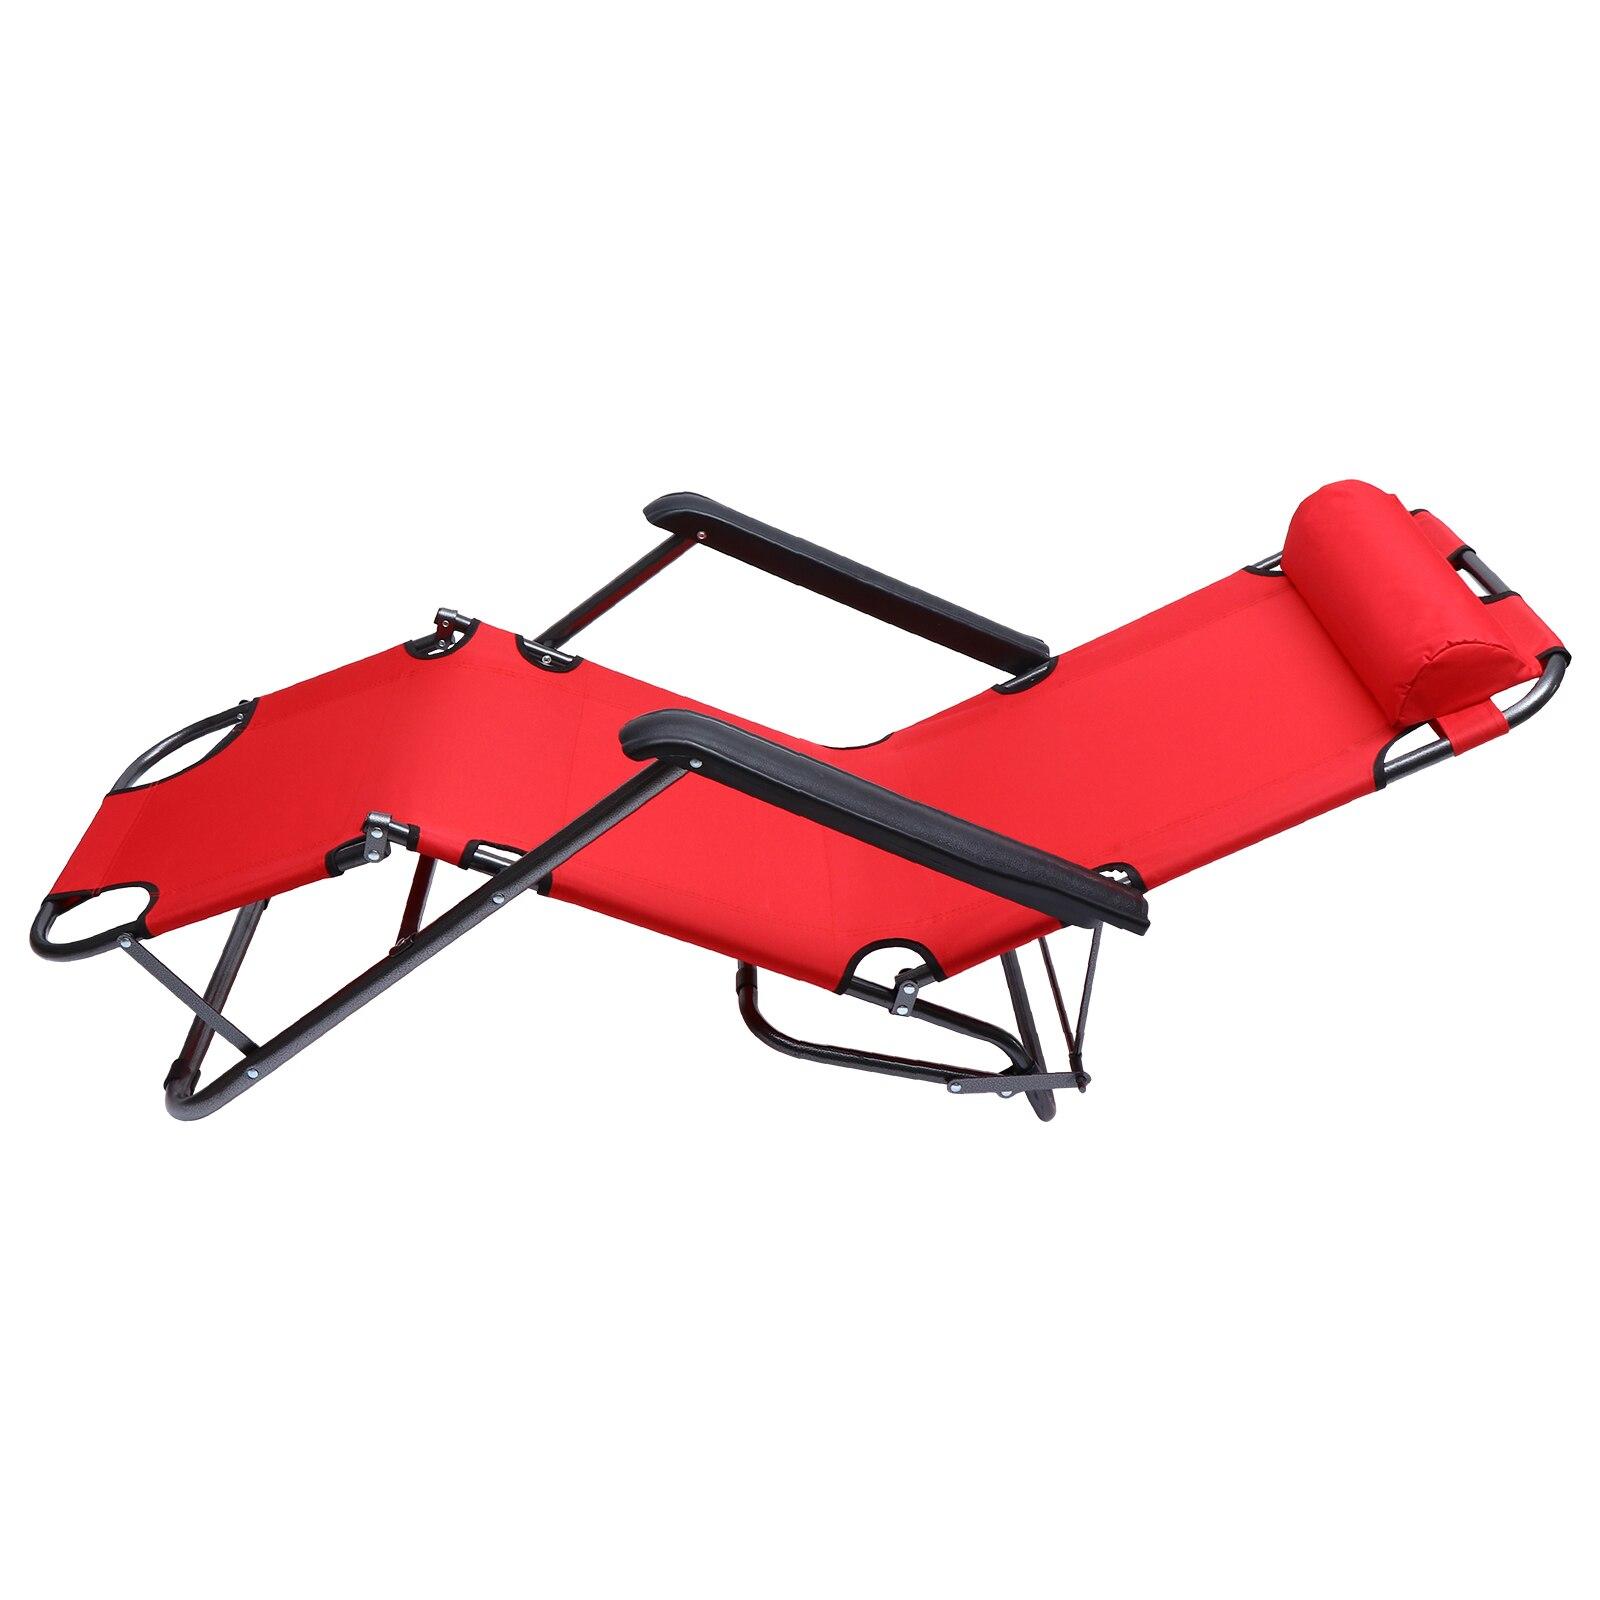 1 قطعة قابلة للطي مستلق الباحة حديقة صالة كرسي حمام سباحة ساحة الحديقة صالة كرسي